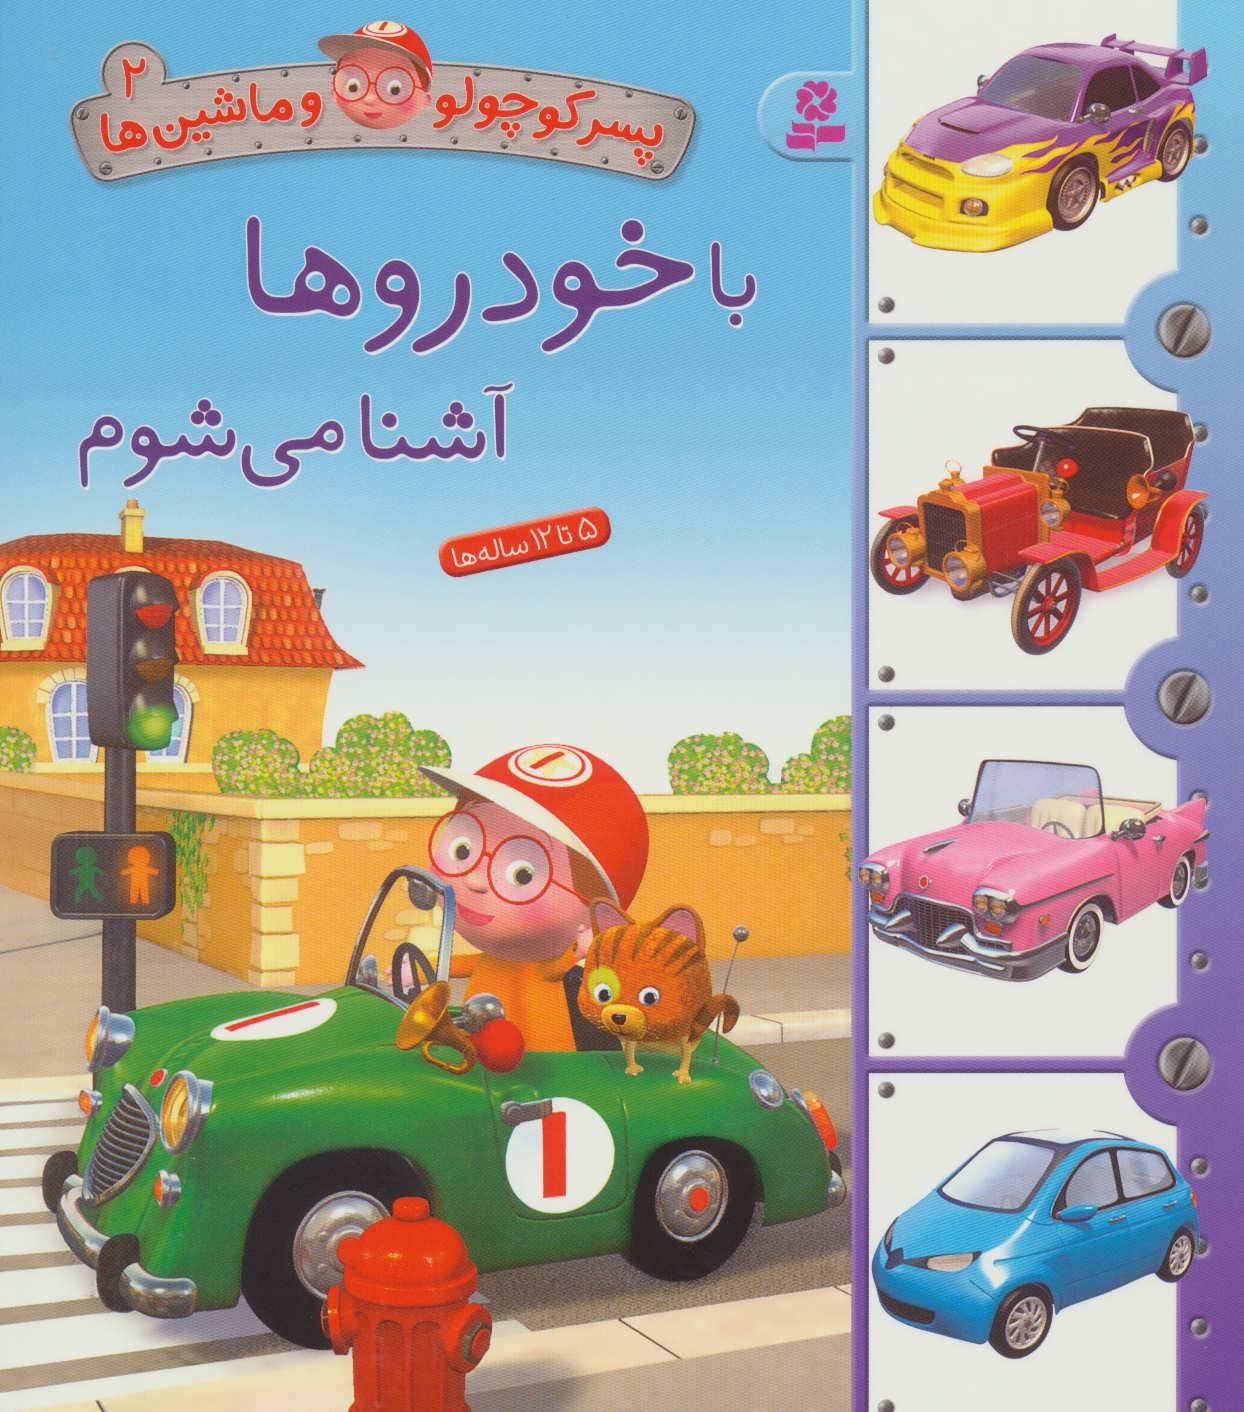 پسر کوچولو و ماشین ها 2 (با خودروها آشنا می شوم)،(گلاسه)